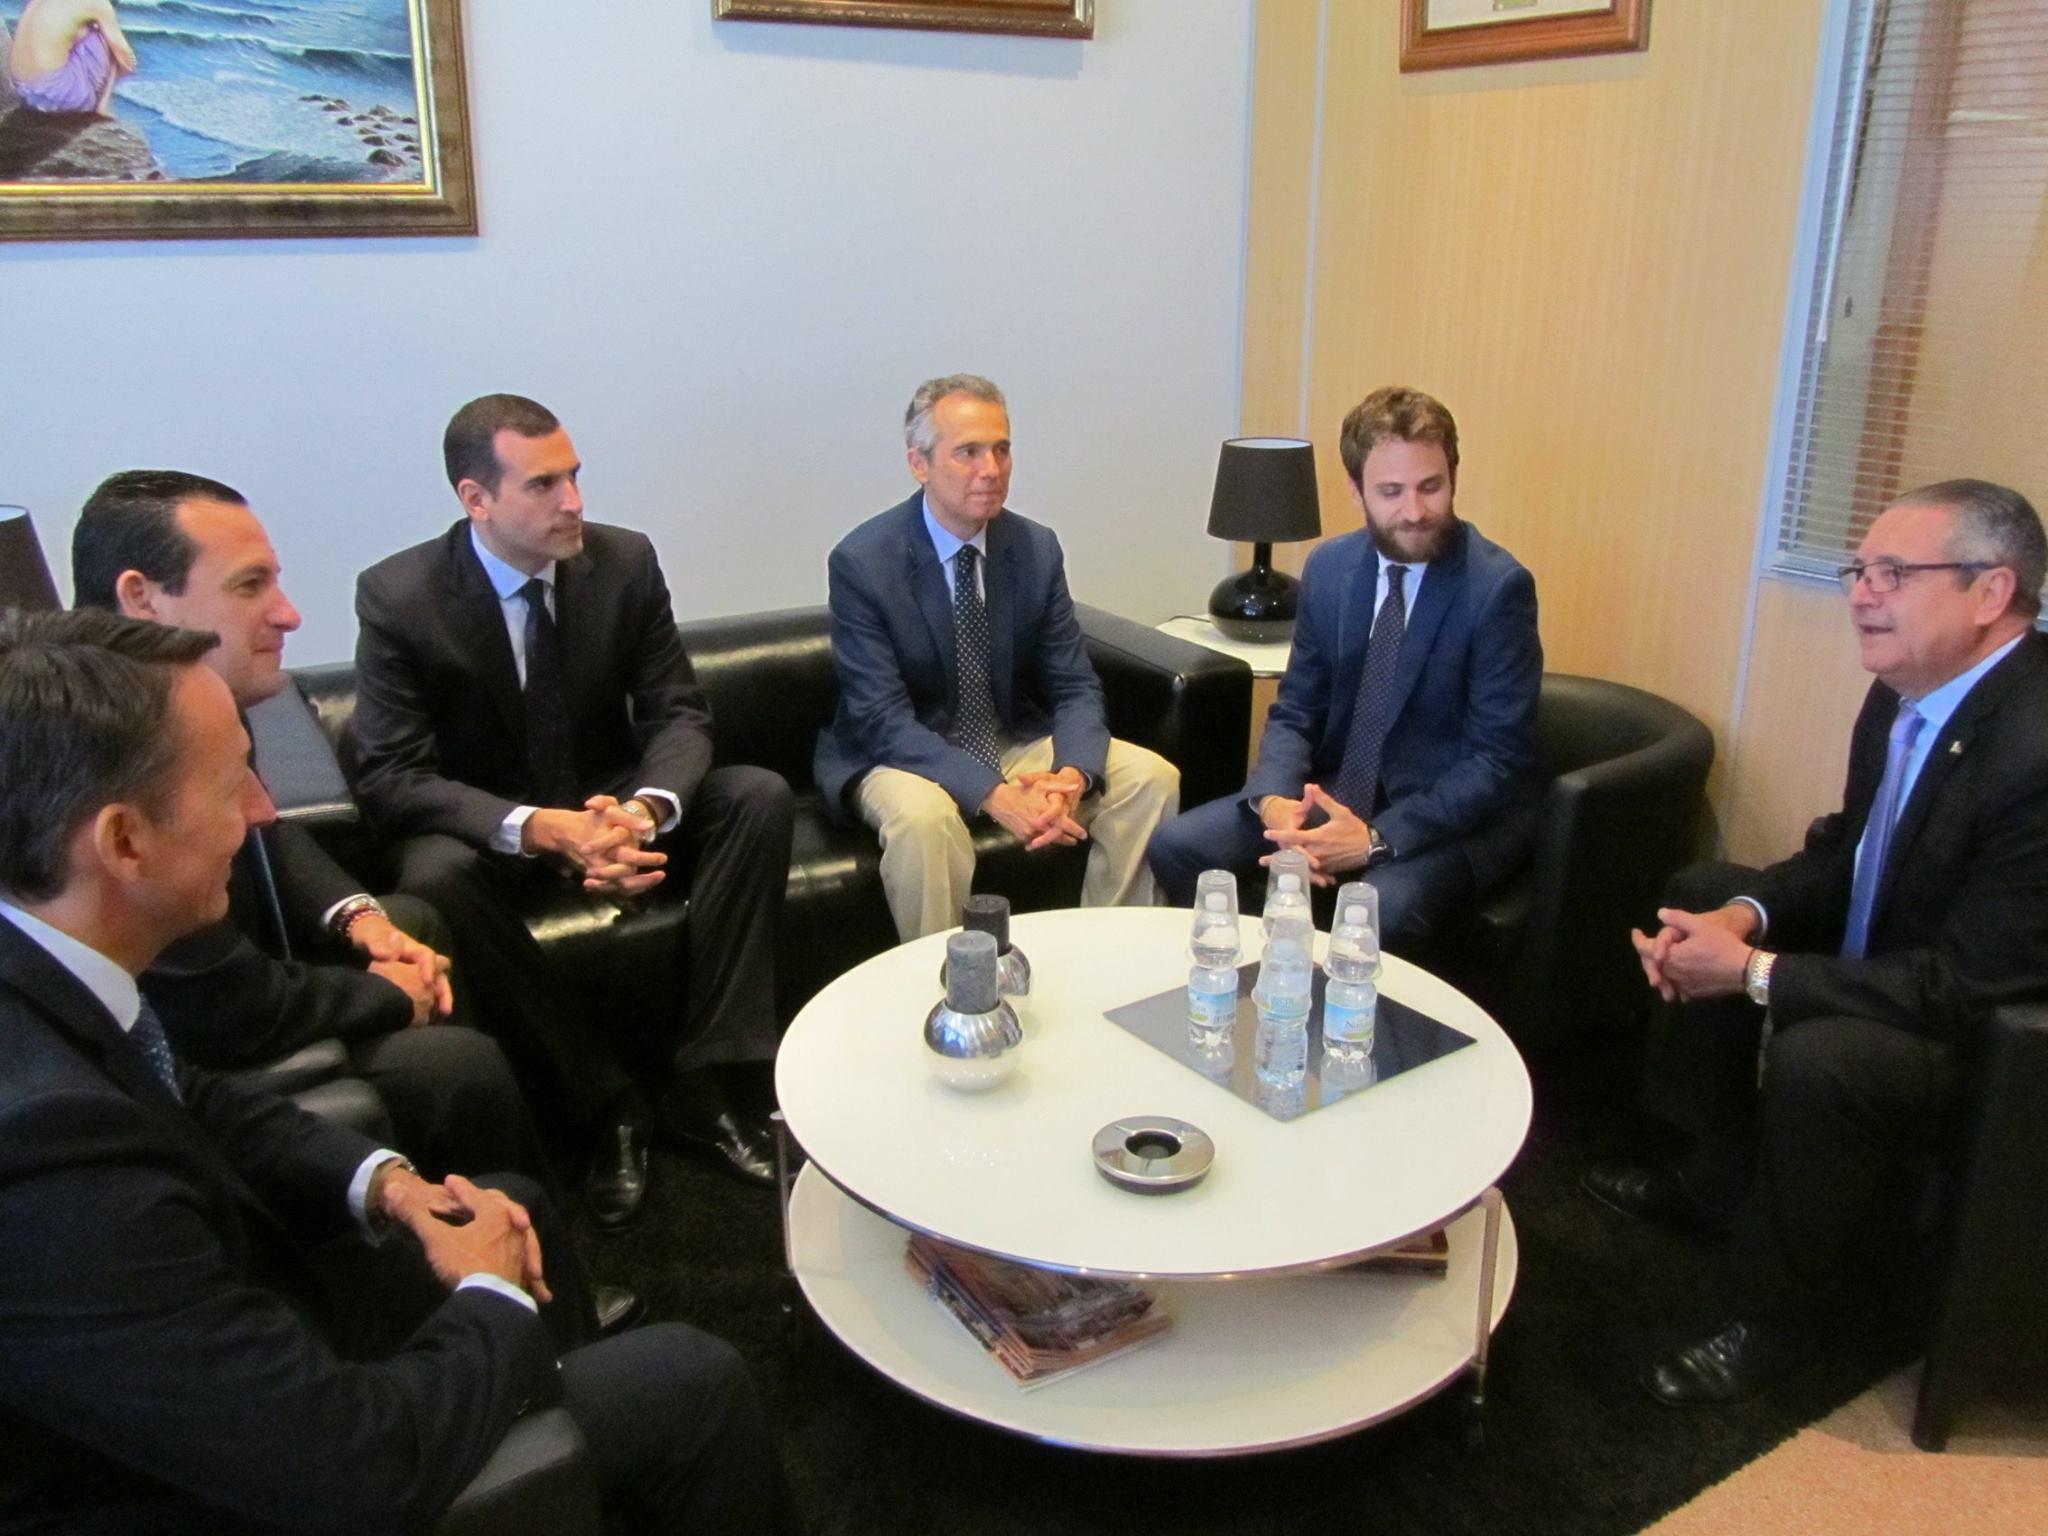 Convenio con lemat abogados y consultores m laga s l acet torremolinos - Convenio de oficinas y despachos madrid ...